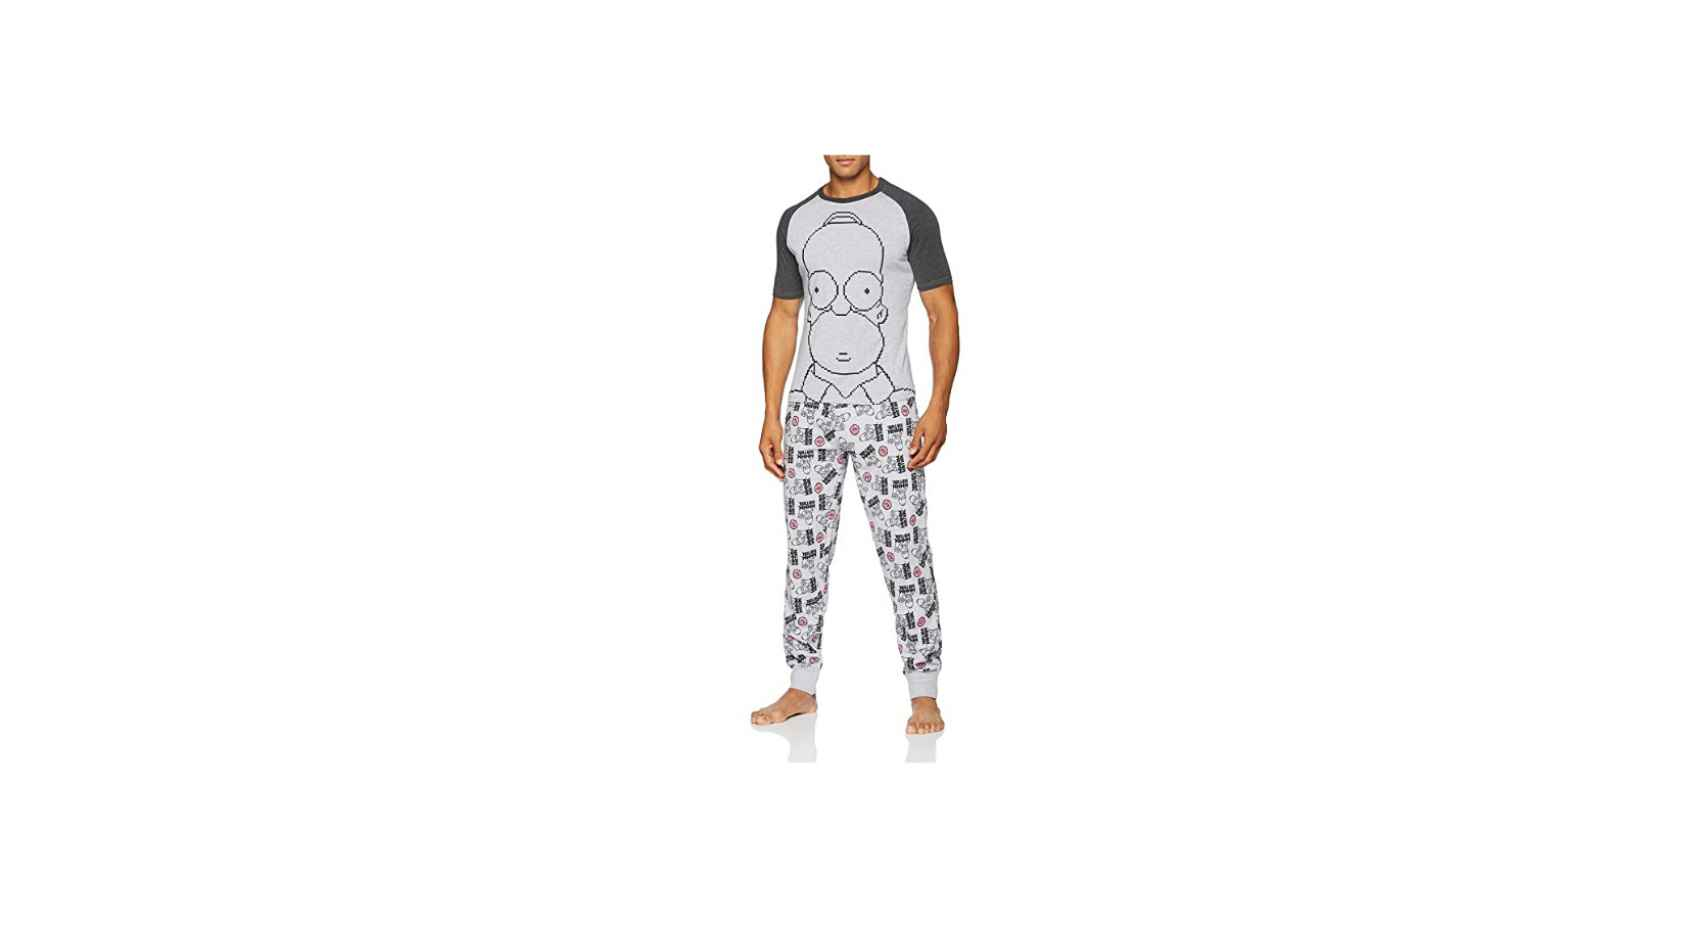 Pijama Homer Simpson